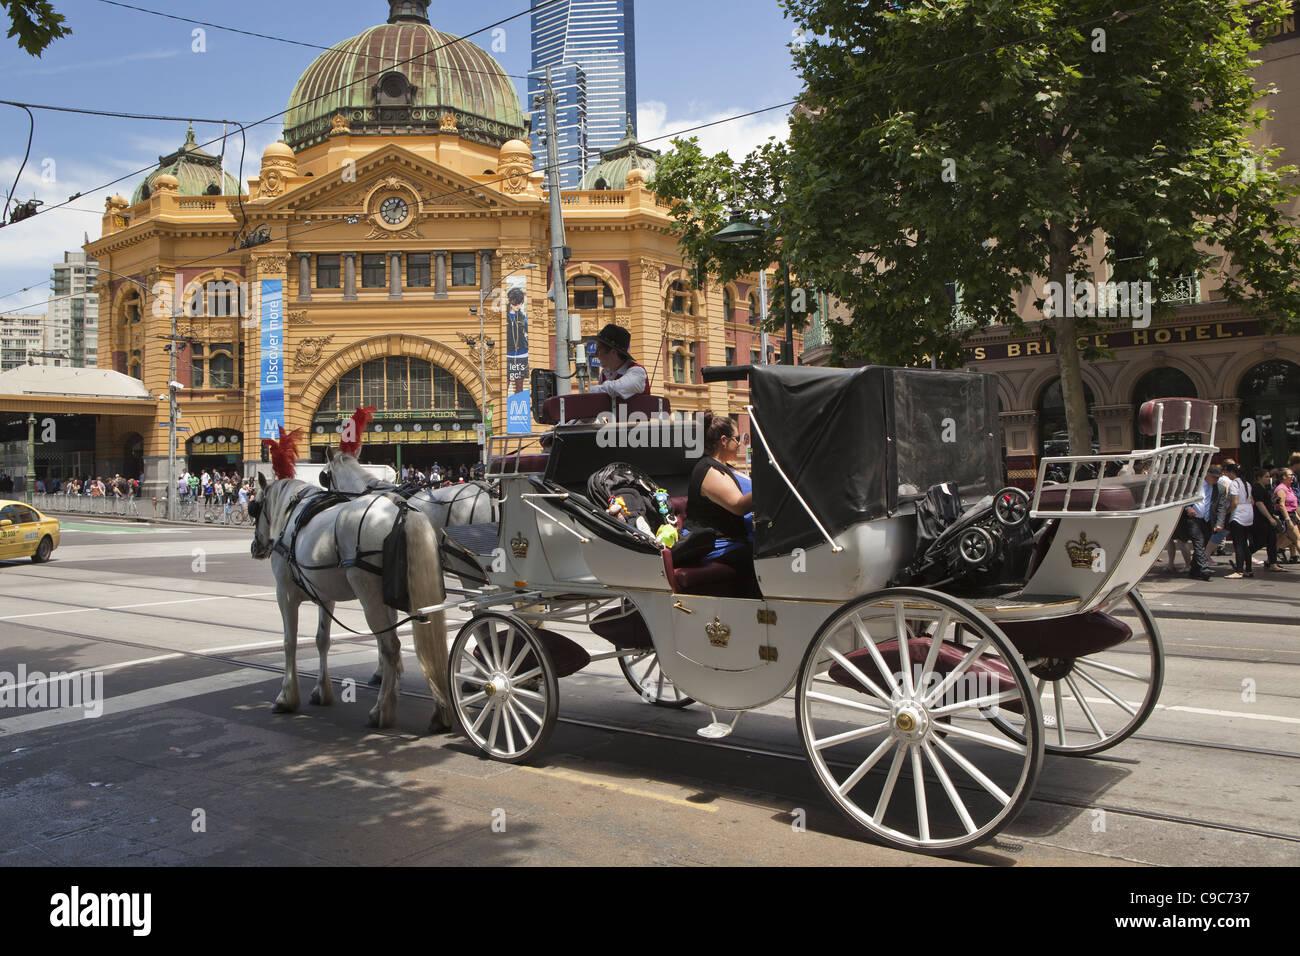 Soleggiata giornata di Melbourne sulla città dei sistemi di trasporto. cavallo disegnare il carrello alla stazione di Flinders Street. Foto Stock